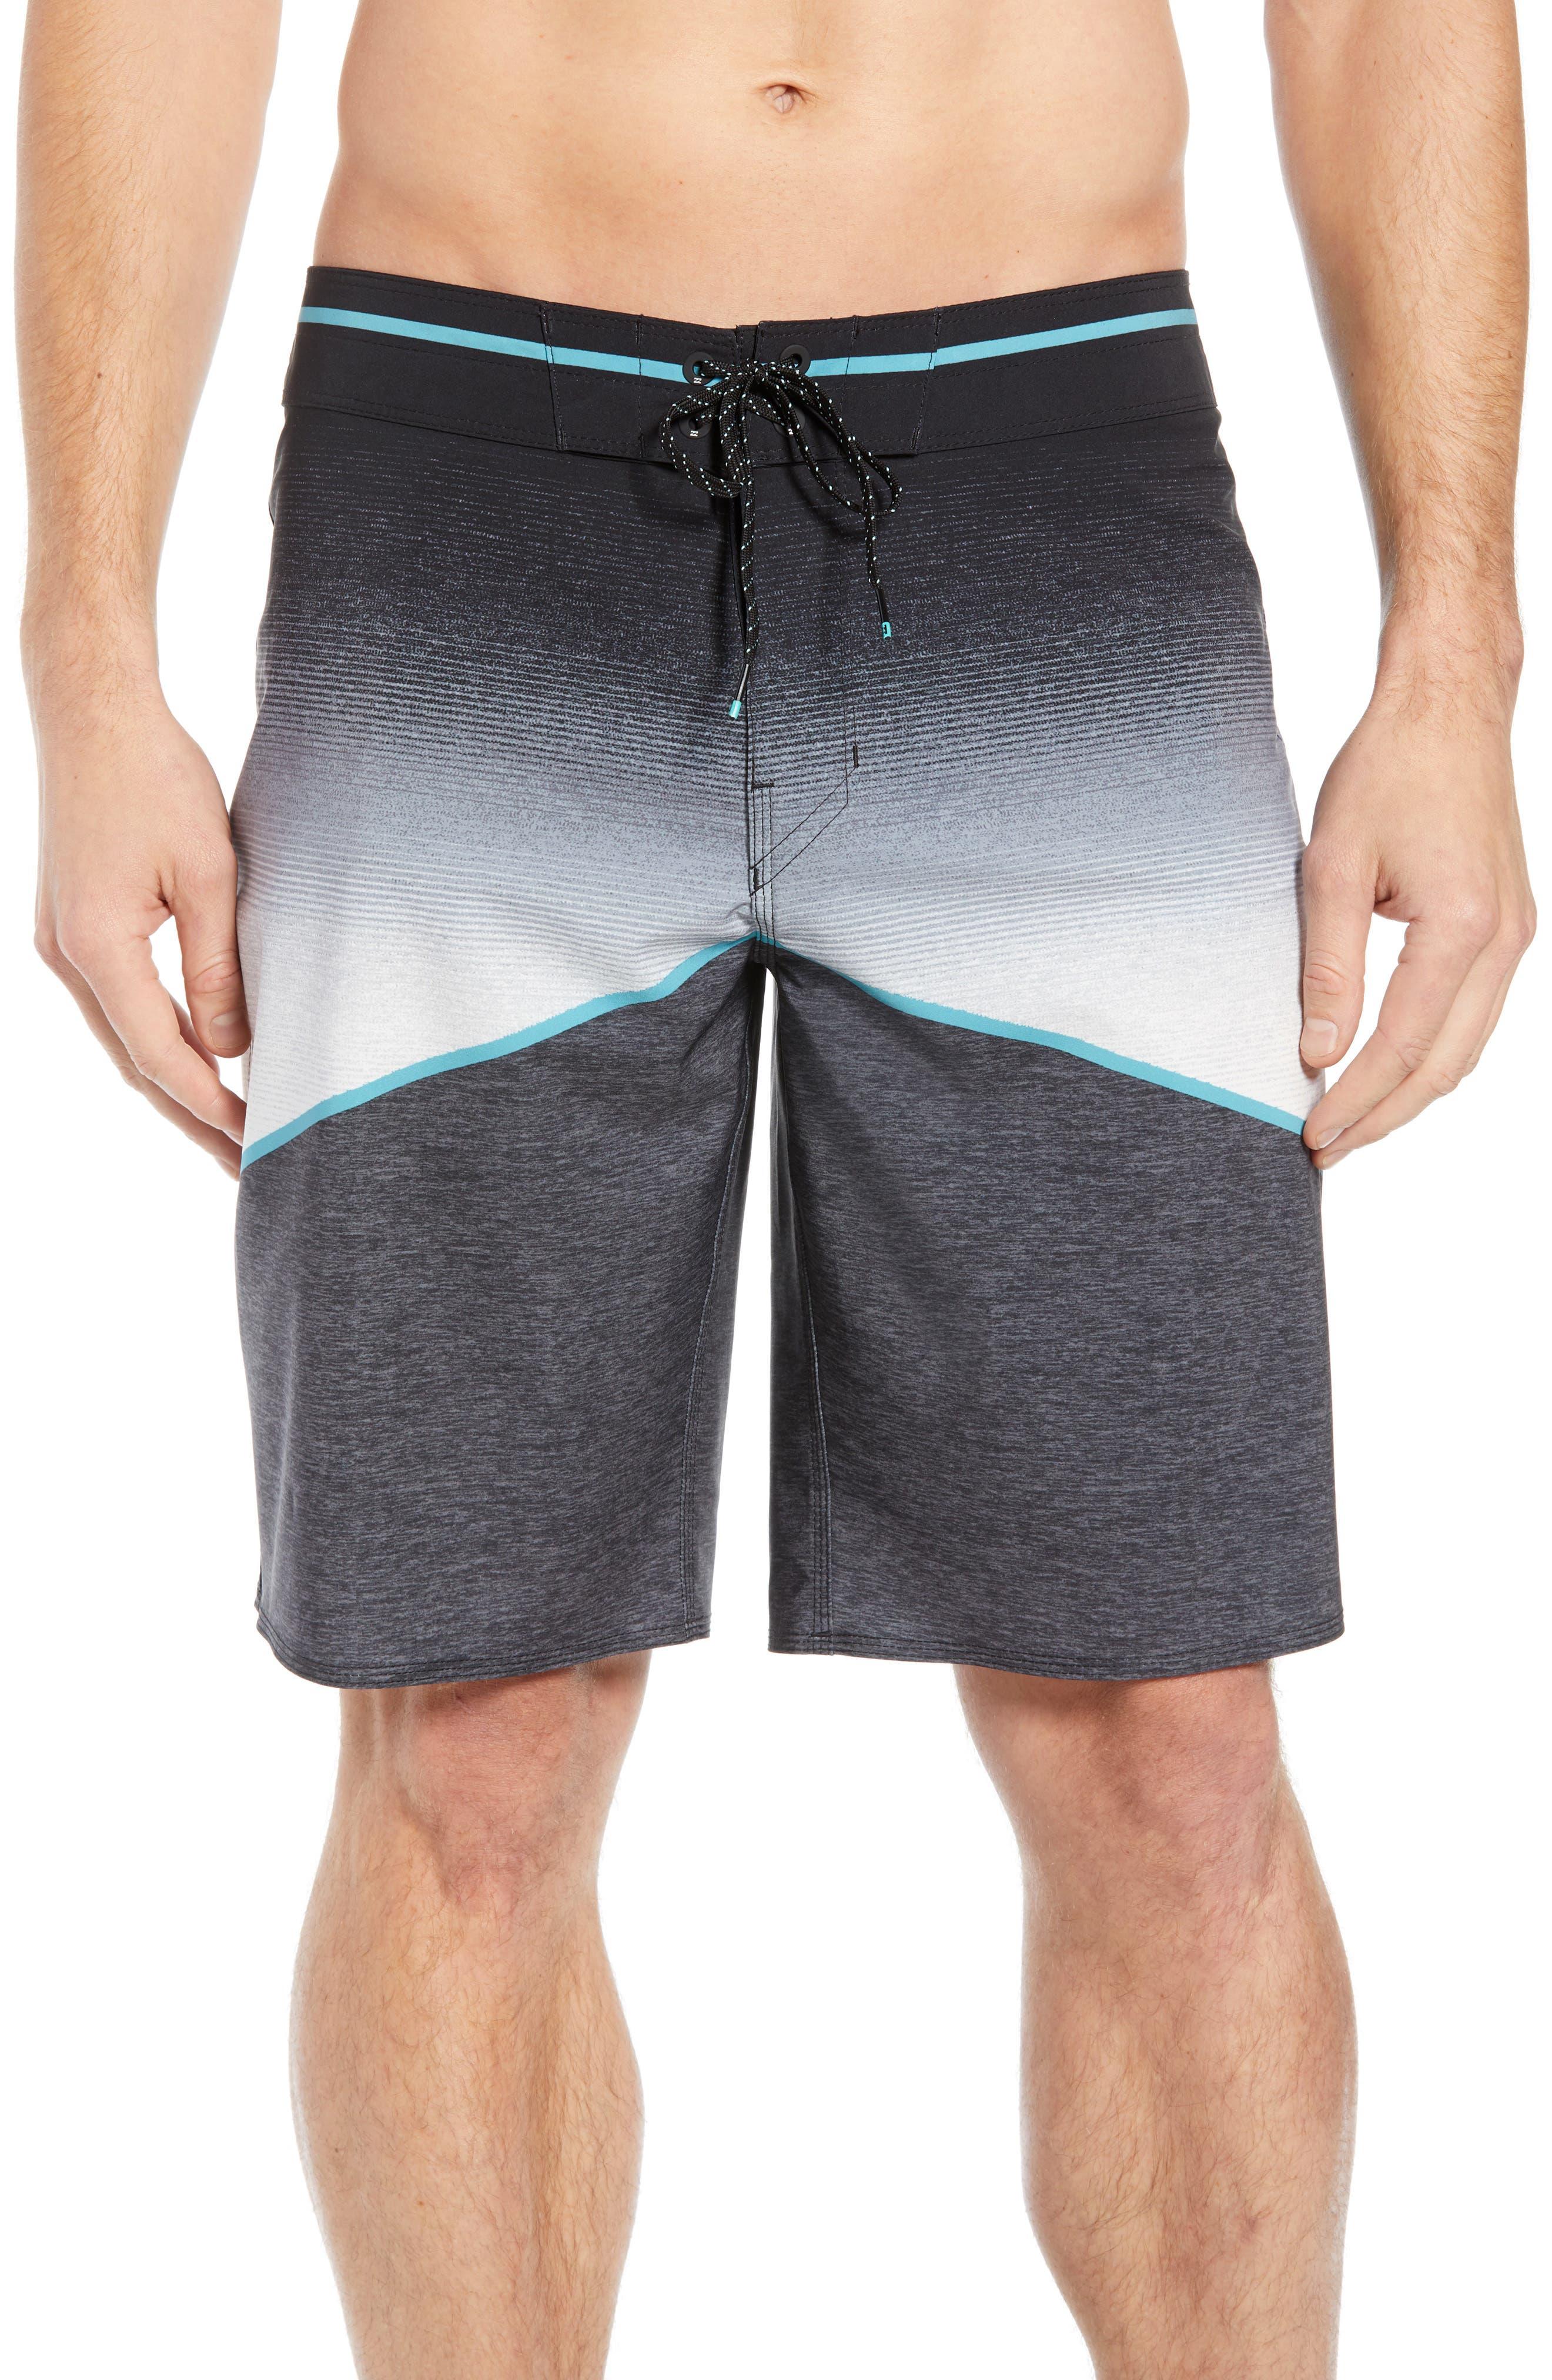 Billabong North Point Pro Board Shorts, Black